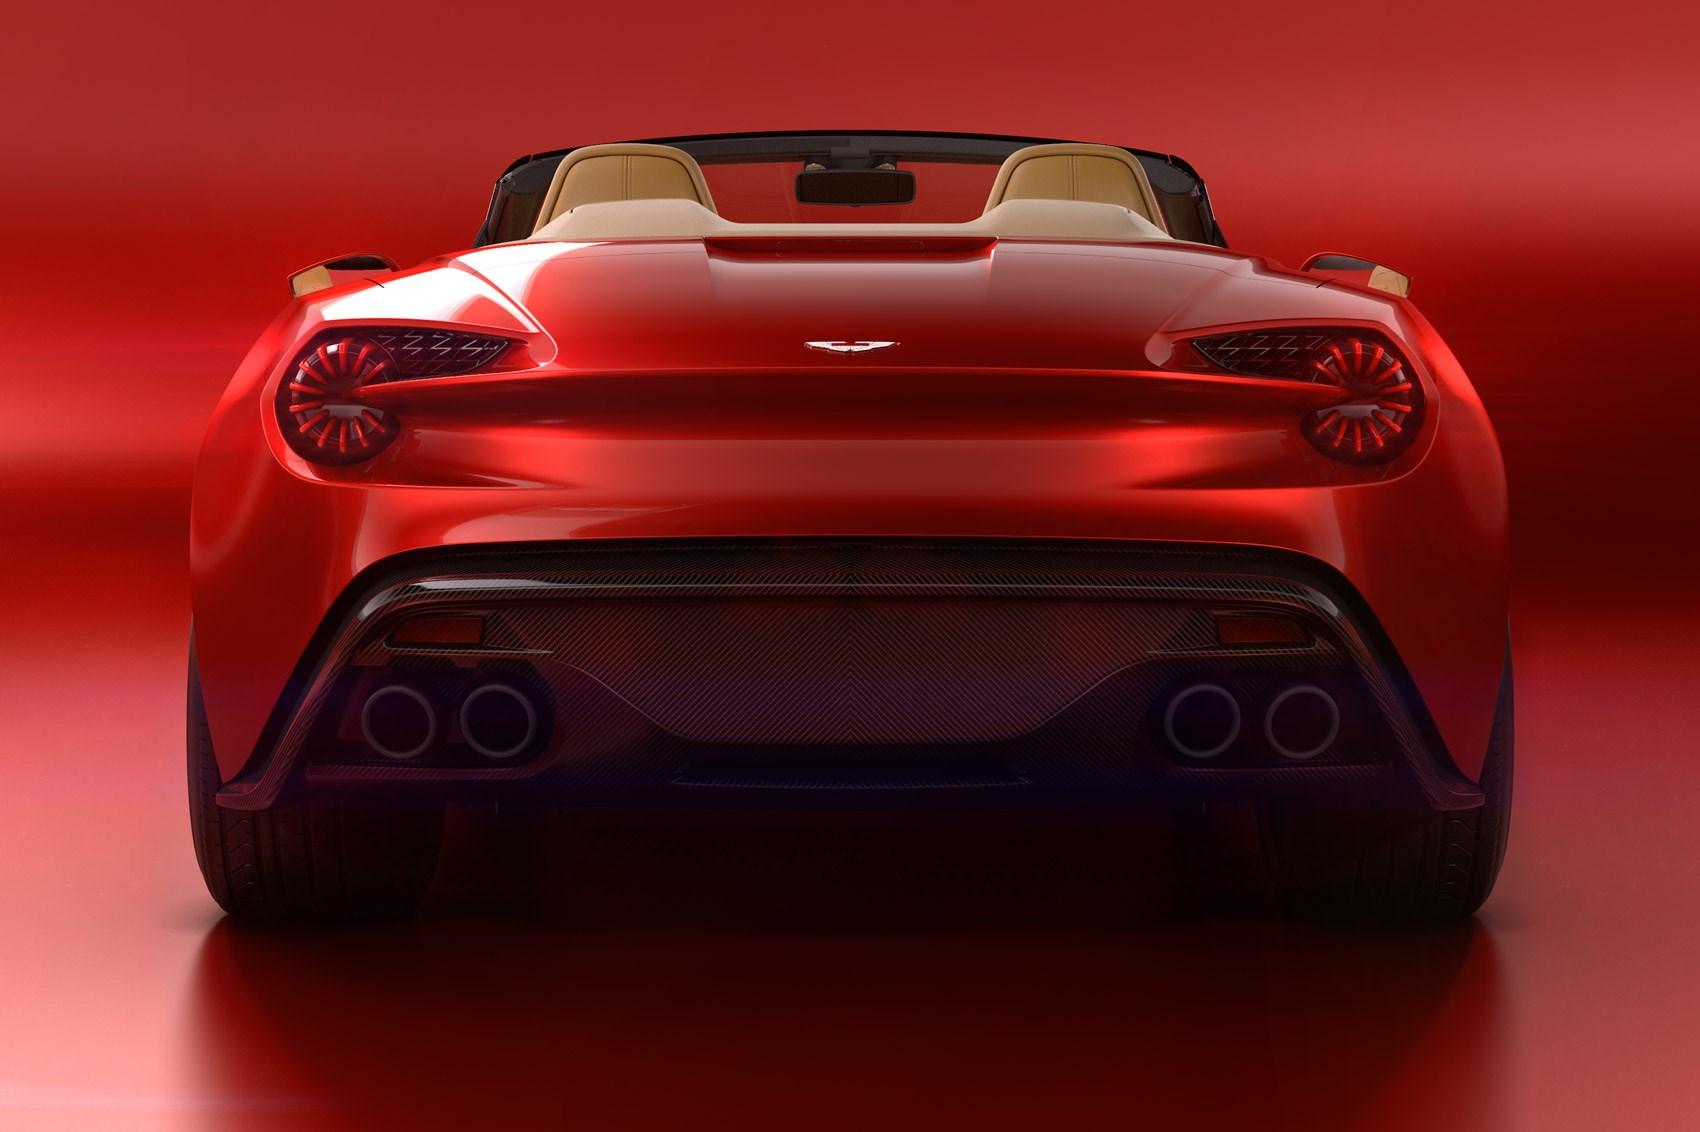 Aston Martin Vanquish Zagato Volante Unveiled At Pebble Beach CAR - New aston martin zagato